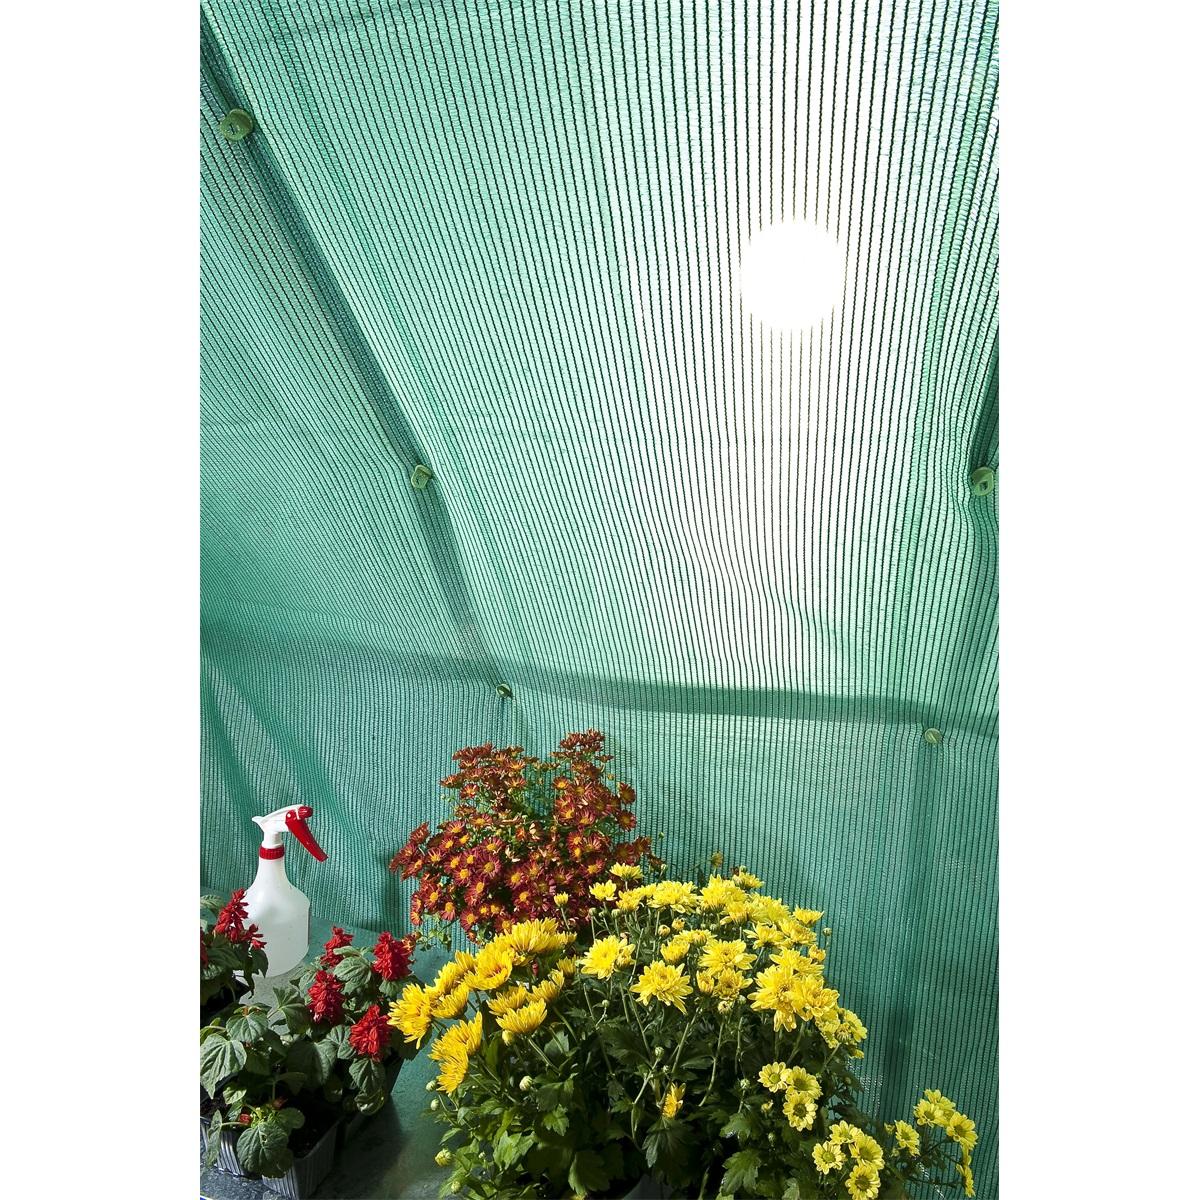 Palram Krycí zástěna pro skleníky